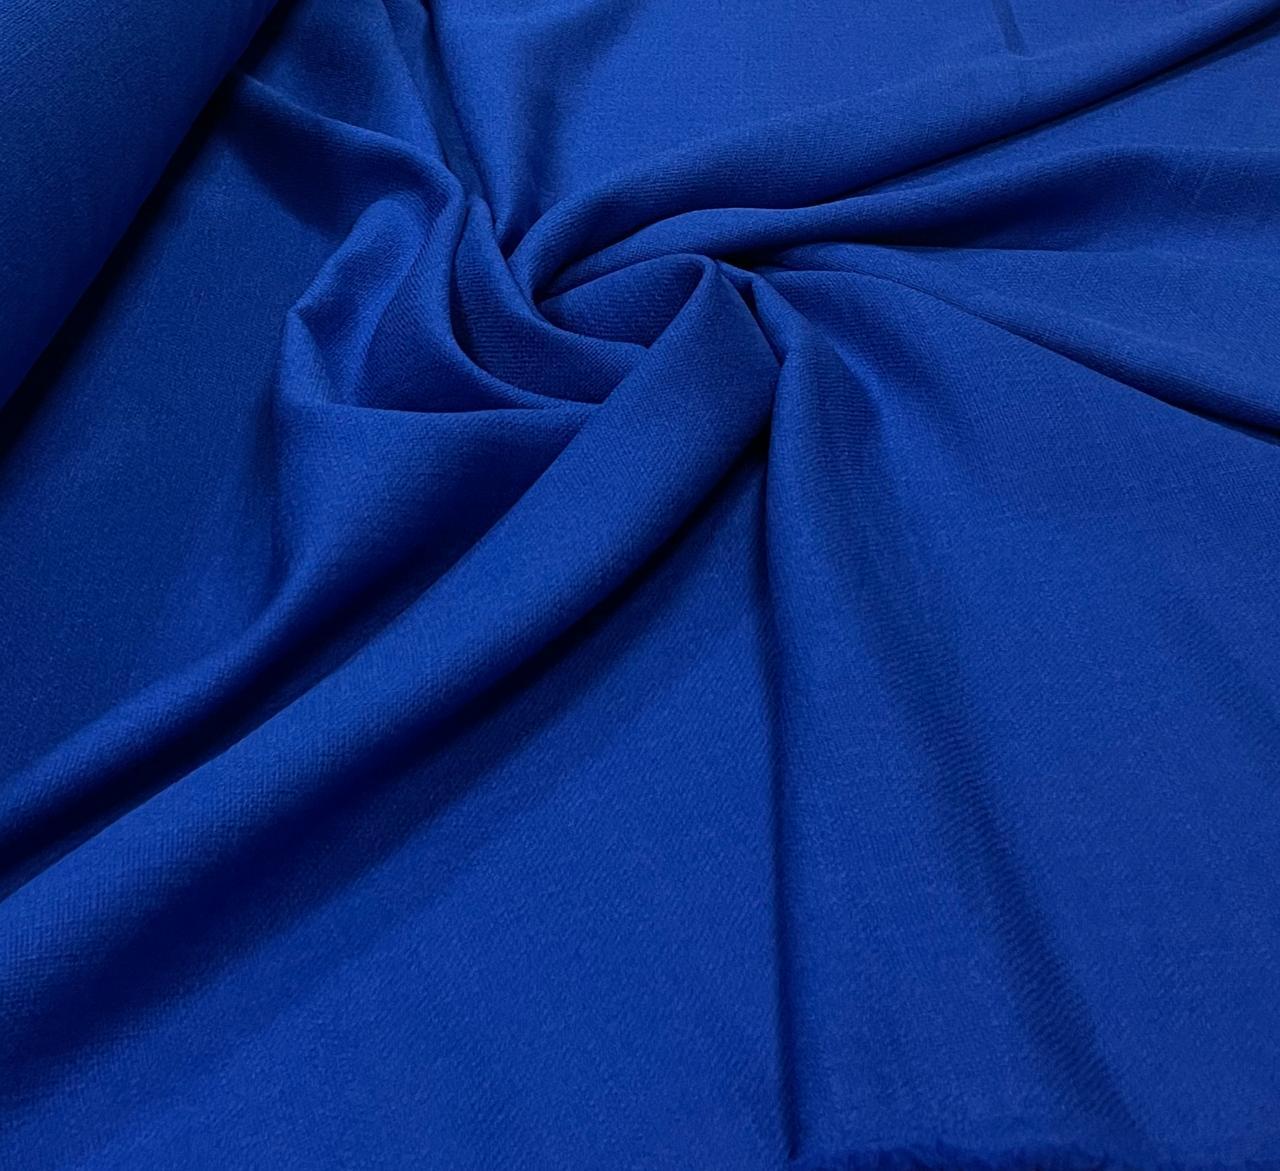 Linho Verano Liso Azul Royal